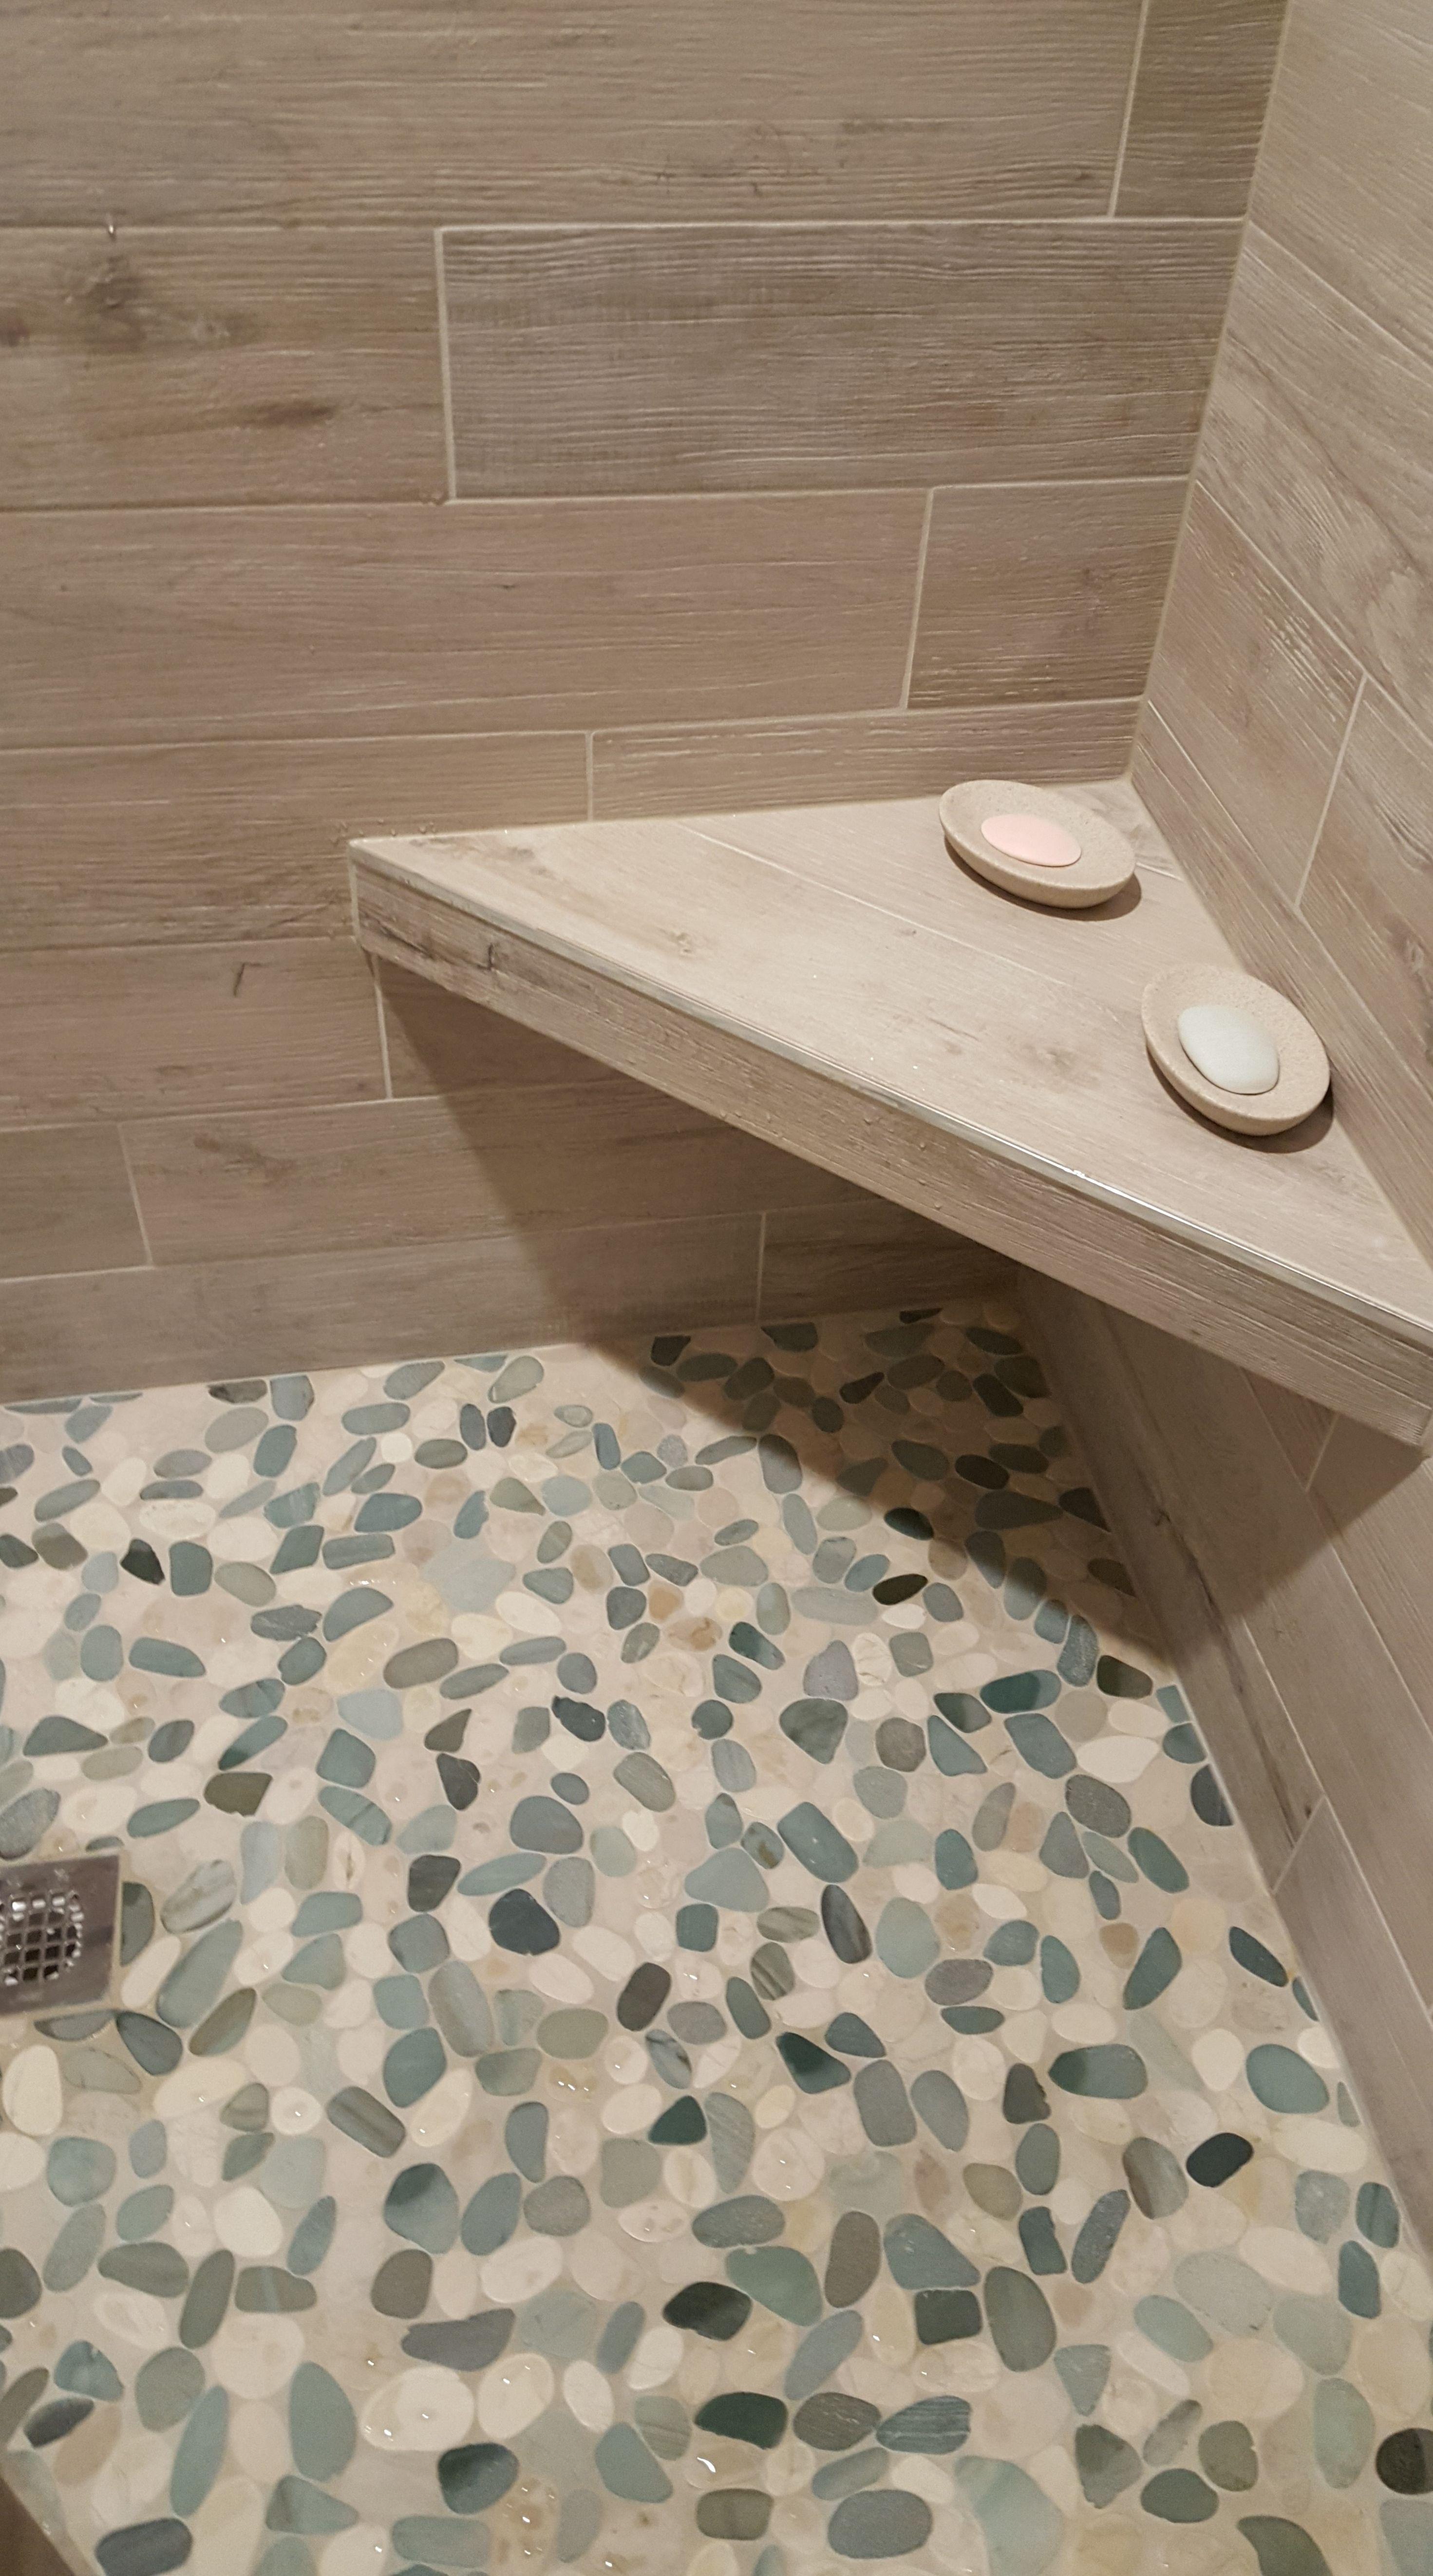 Stunning shower floor using Sliced Sea Green and White Pebble Tile  https. Stunning shower floor using Sliced Sea Green and White Pebble Tile